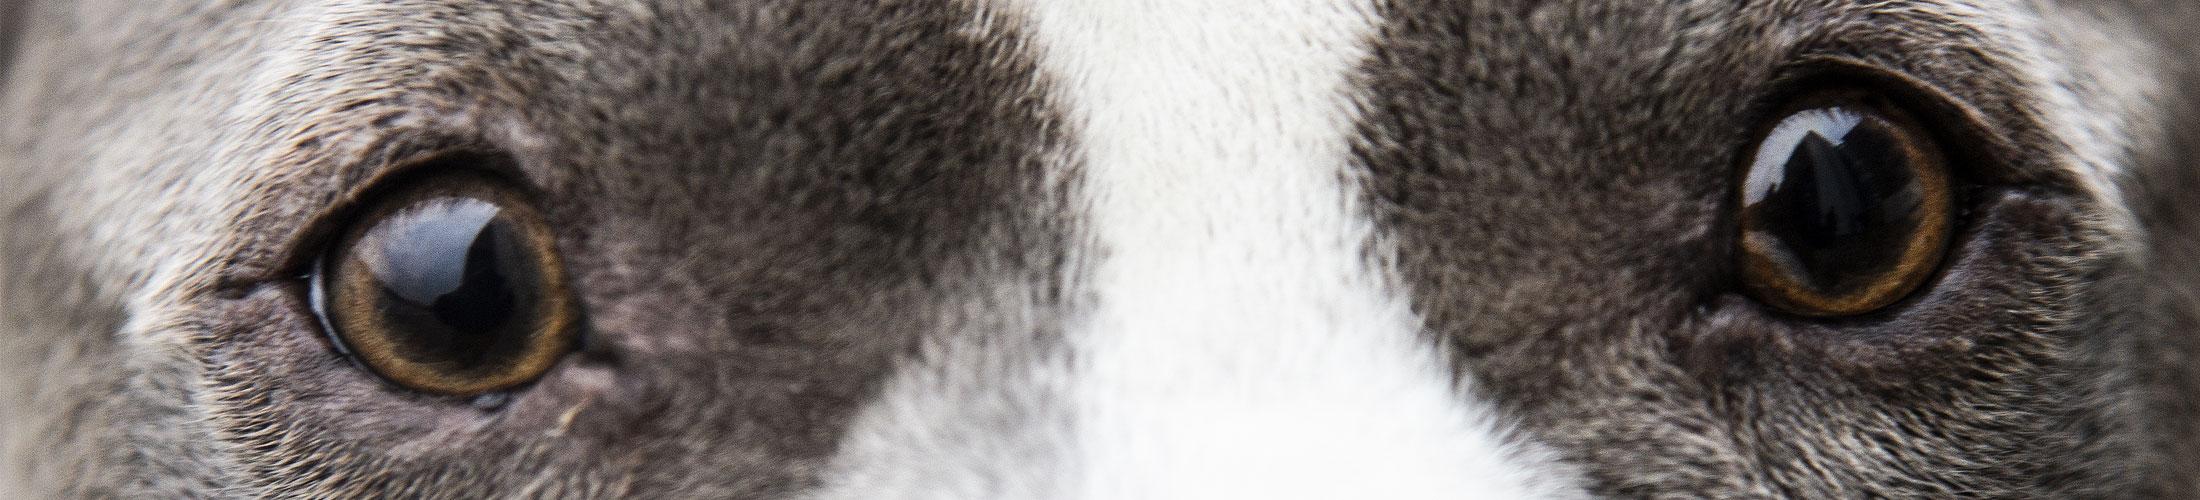 oejenlaege-hund